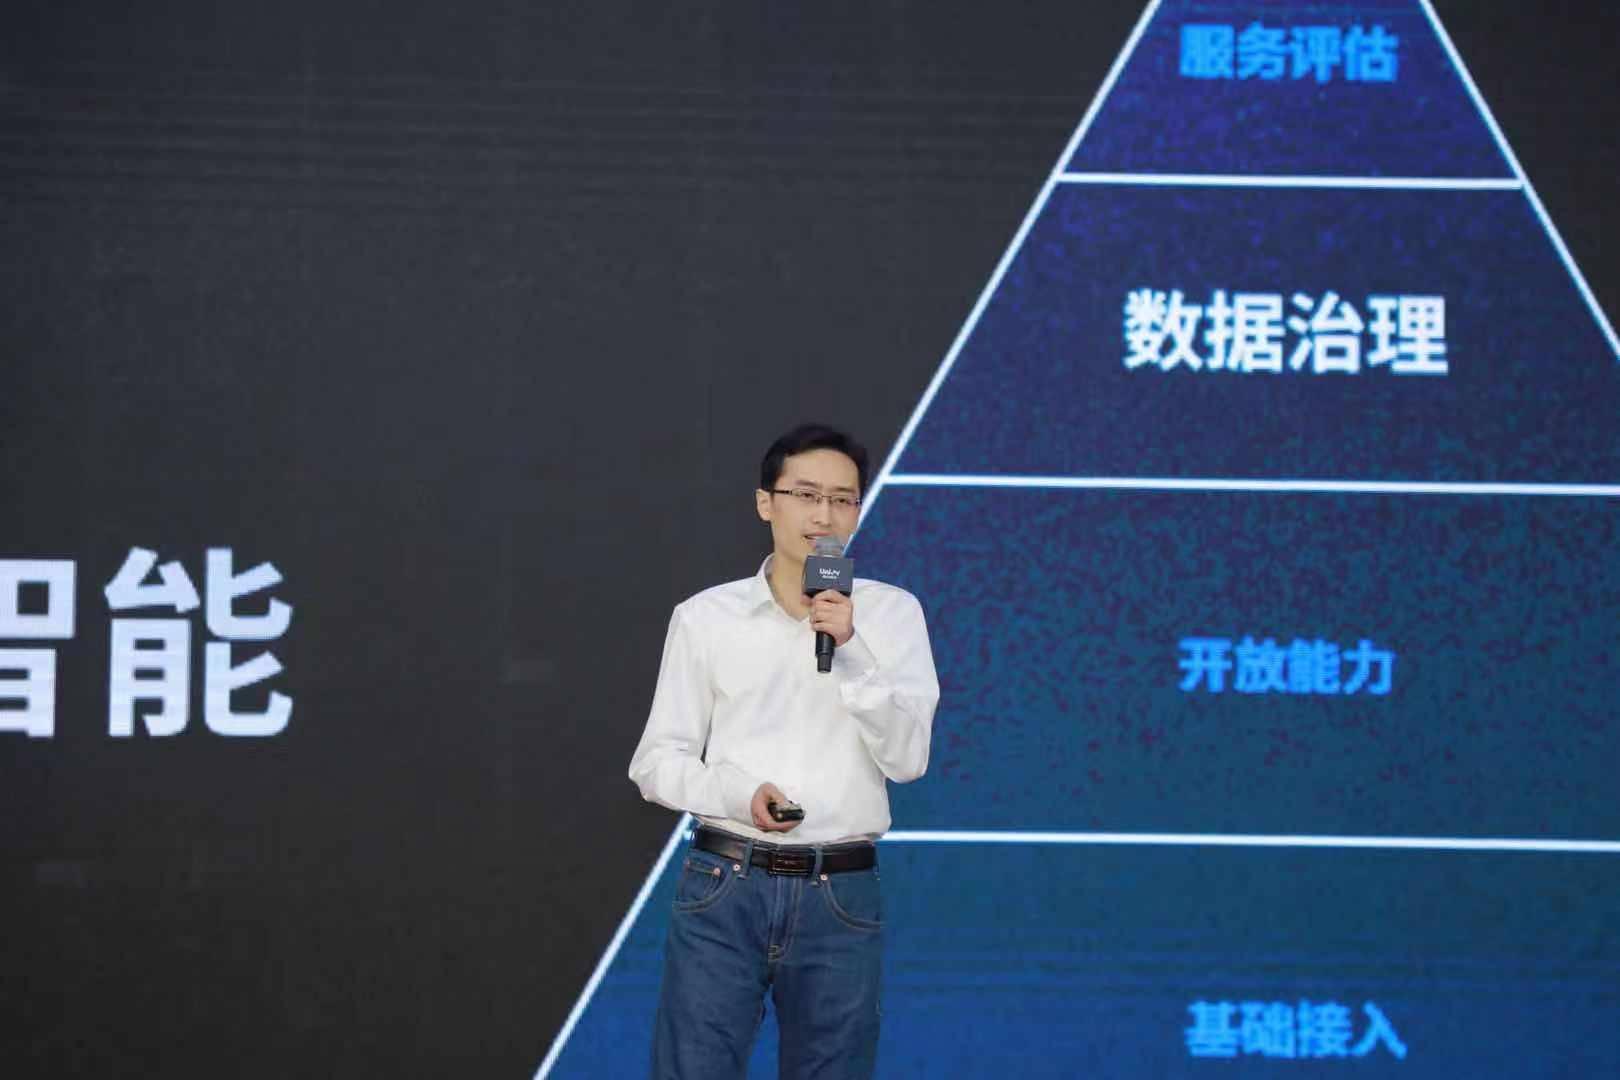 联行科技首席技术官张俊俊分享联行产品矩阵/联行科技官方